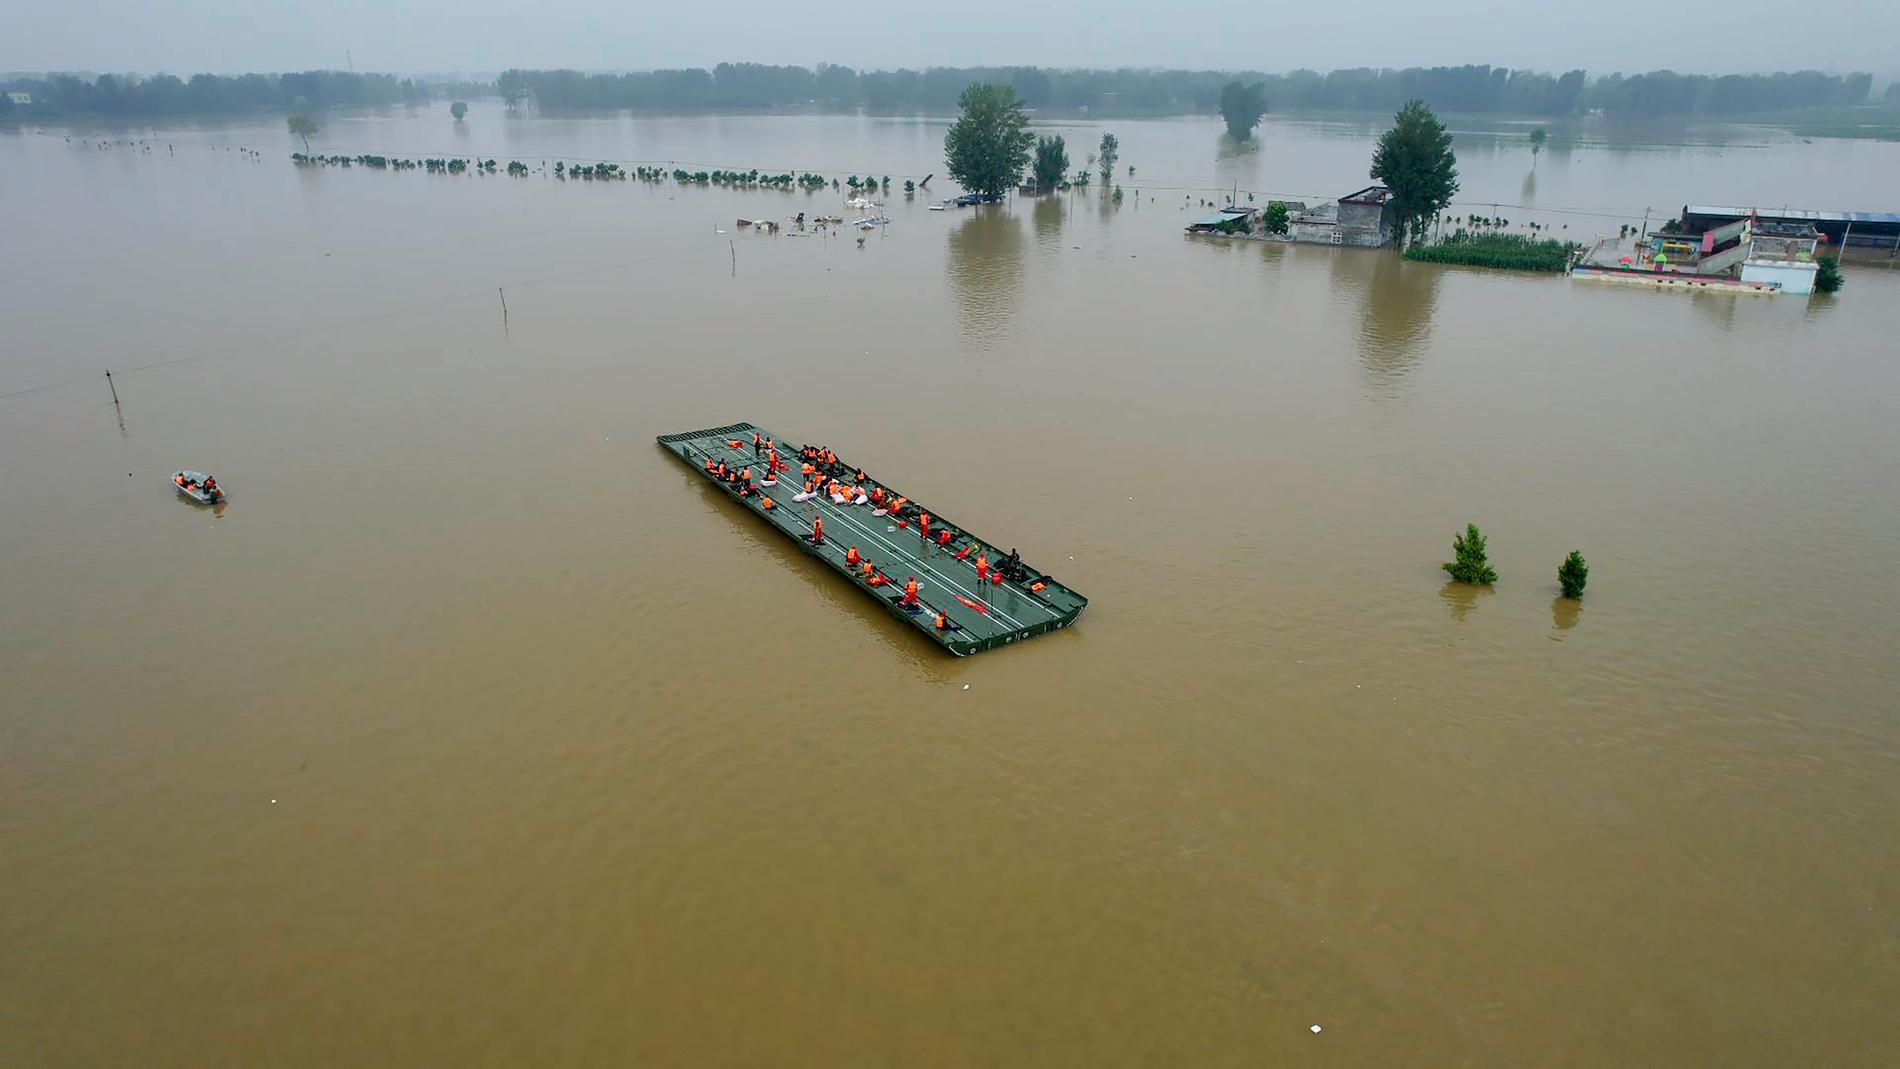 En provisorisk flotte som användes för att undsätta avskurna människor i provinsen Henan i slutet av juli.